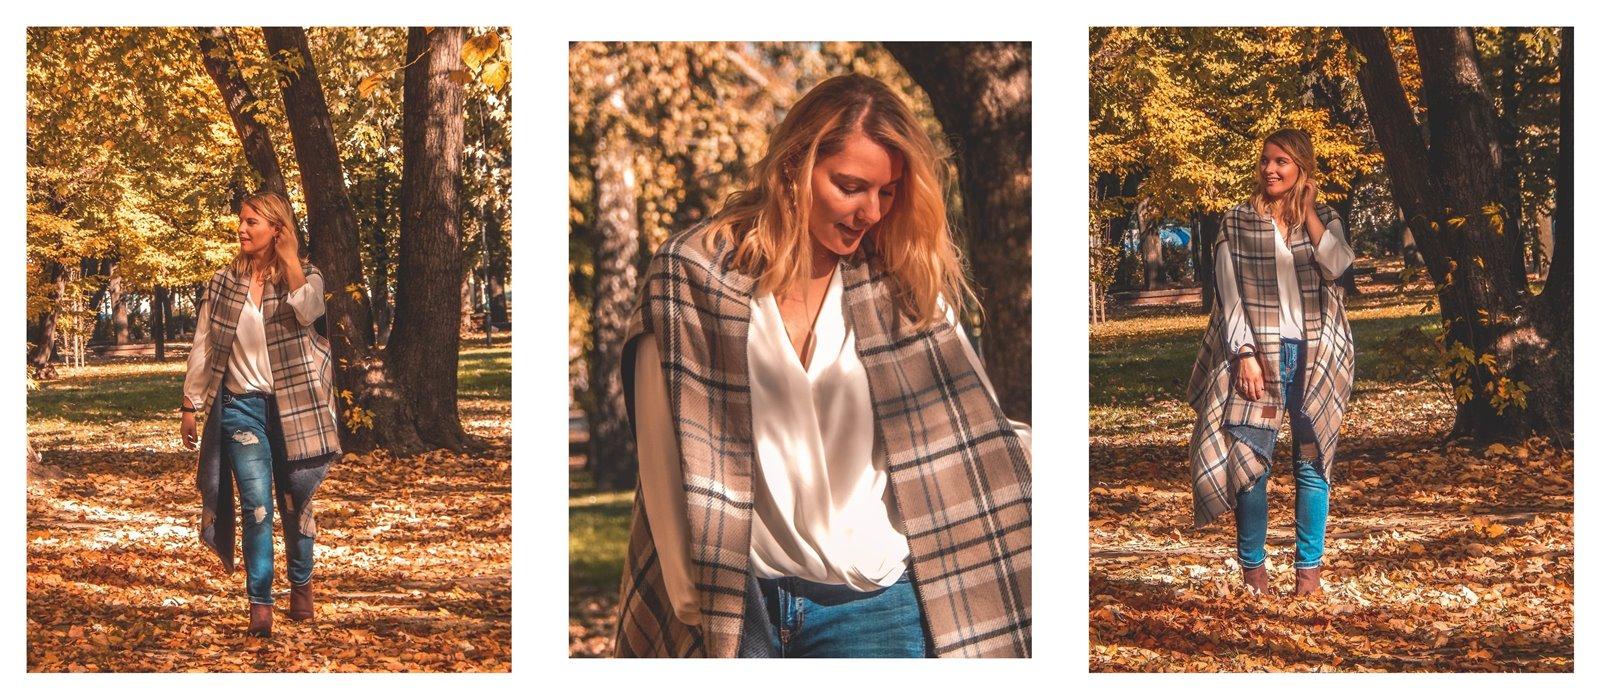 kardigan blueshadow anataka cena bluzka biała bluzka kopertowa w co się ubrać na święta stylizacja  outfit stylizacja z jeansami moda damska kardigan krata jeans moda damska blogerka